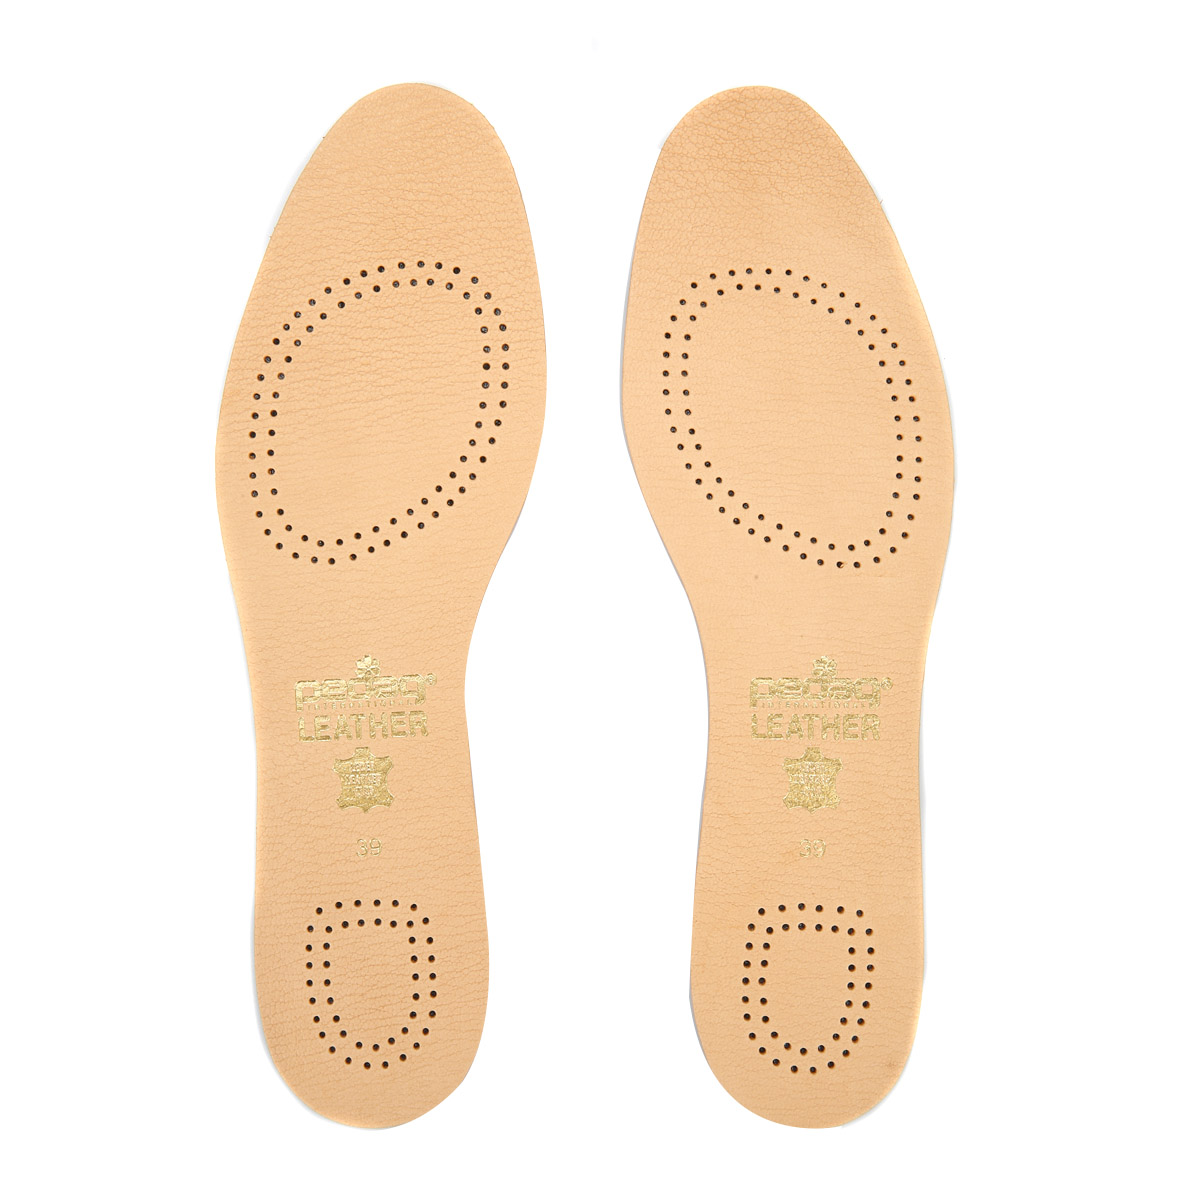 Pedag Cuero Acolchado Plantillas Botas Zapatos para Hombre Mujer Comodidad Transpirable